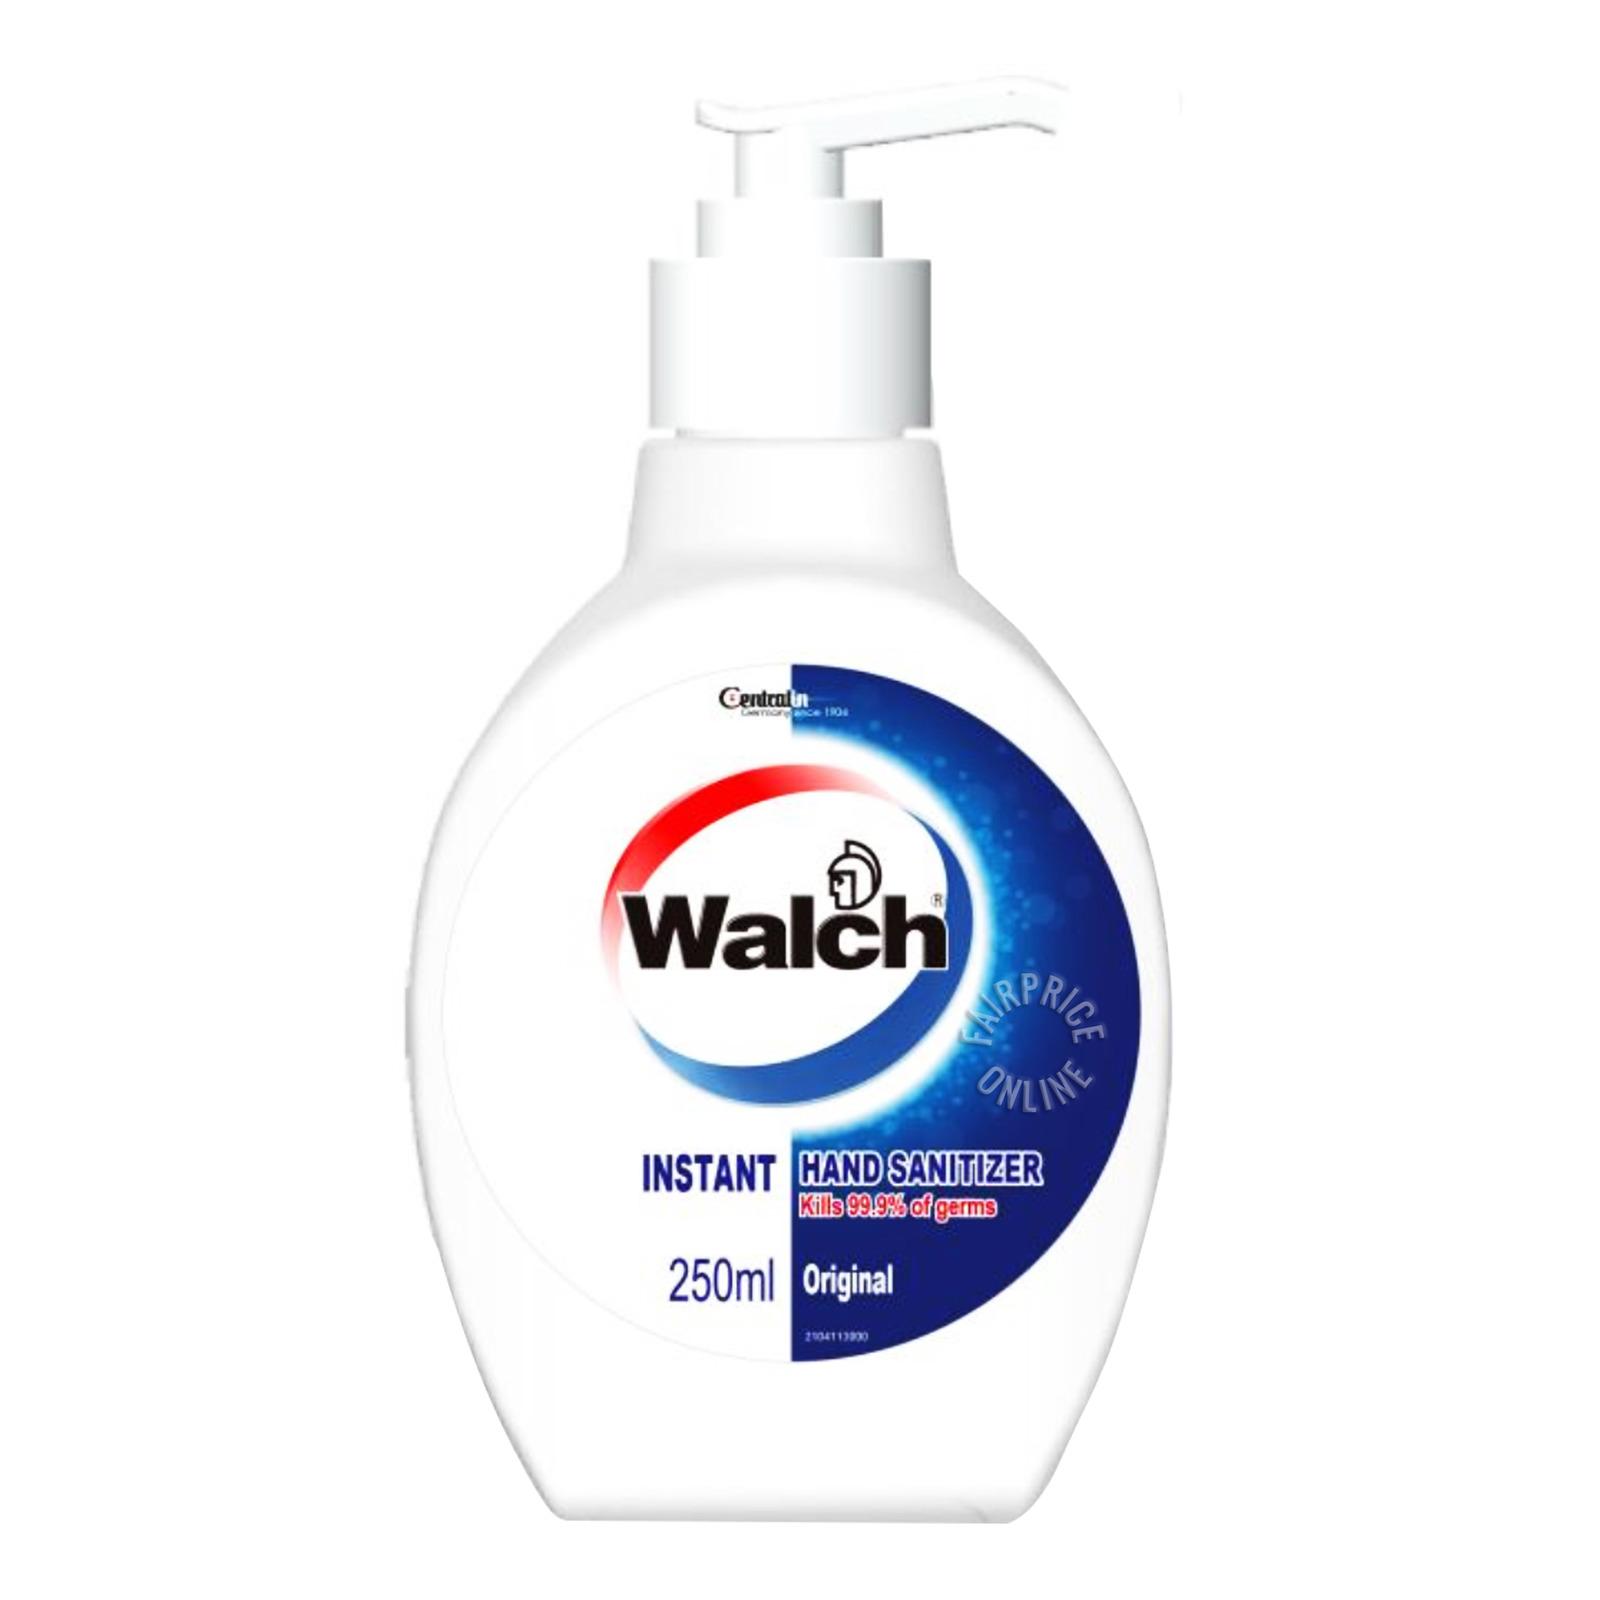 Walch Instant Hand Sanitizer - Original